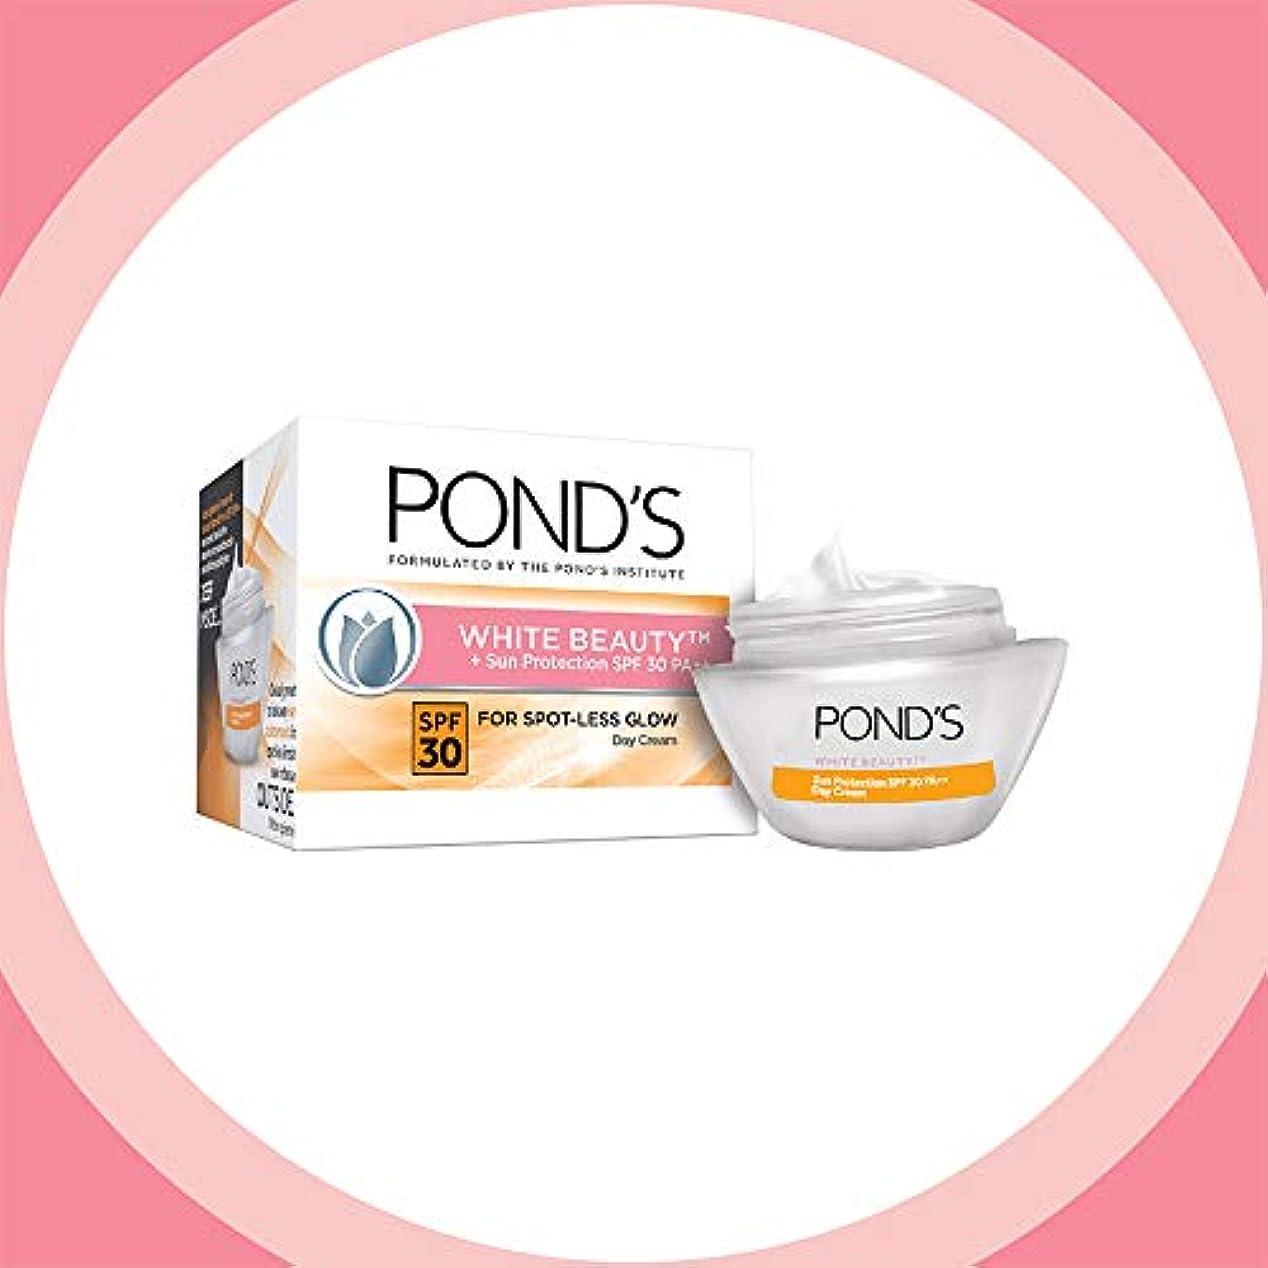 知覚人物余裕があるPOND'S White Beauty Sun Protection SPF 30 Day Cream, 35 gms (並行インポート) India